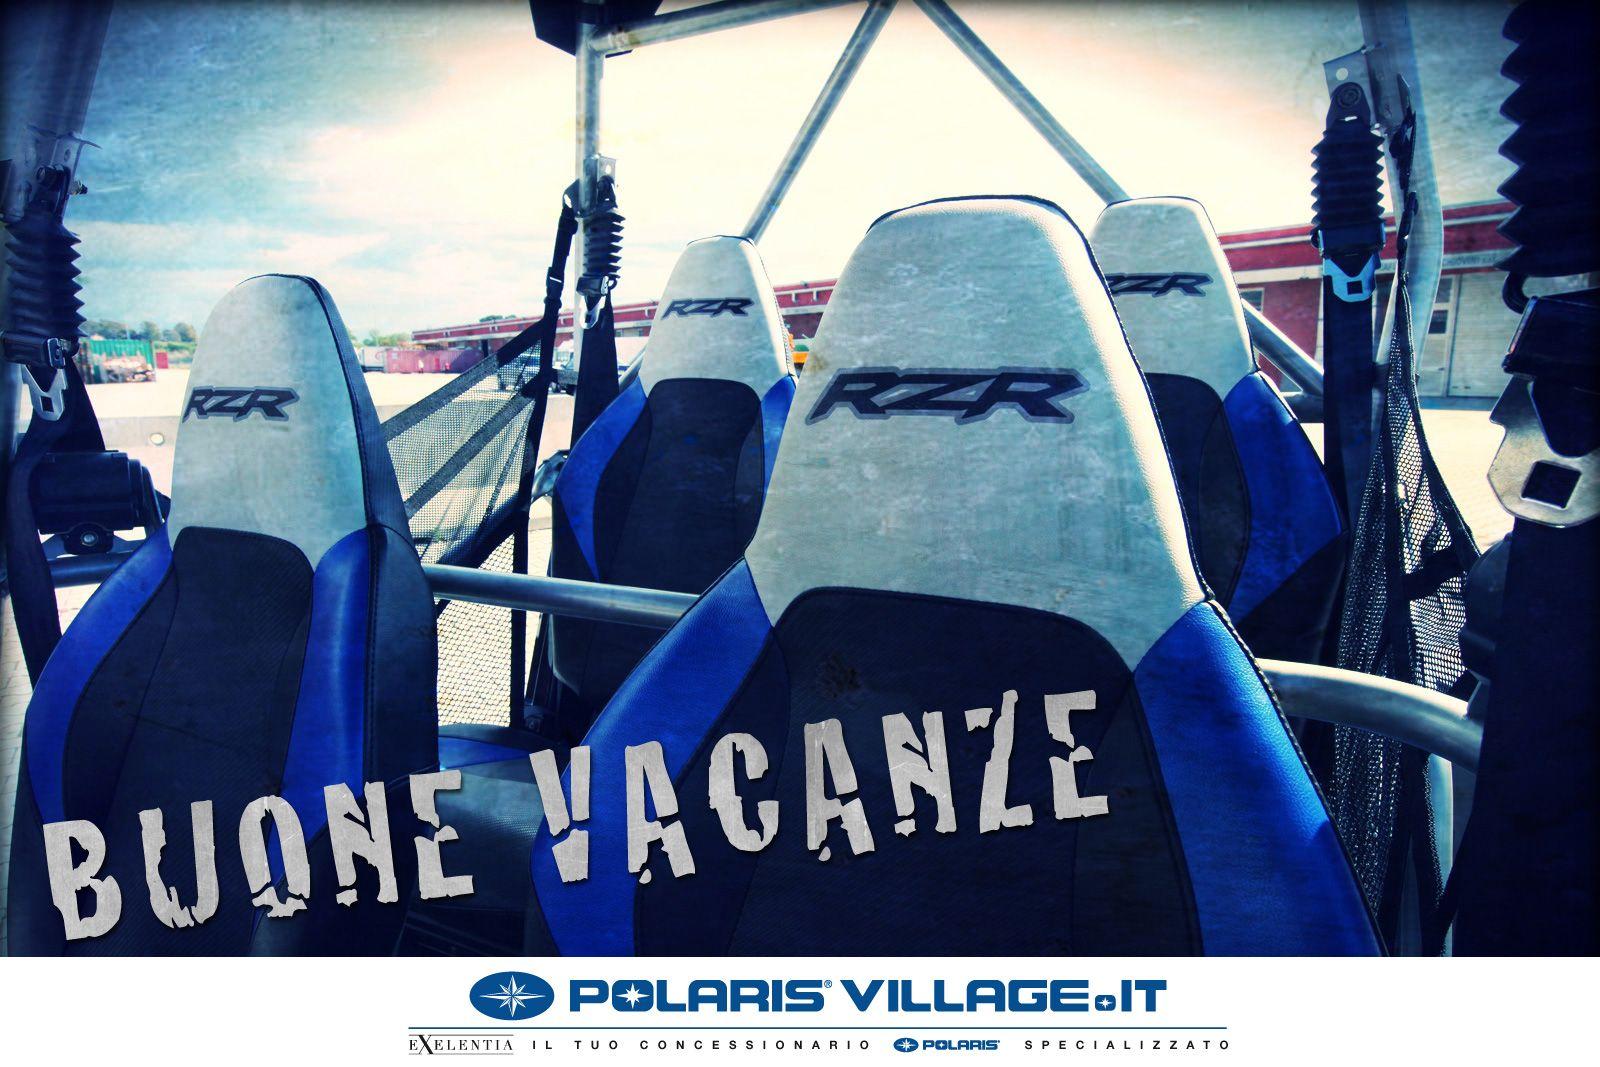 Manca poco oramai, e anche il team Polaris Village andrà vacanza... quale momento migliore per divertirsi su un quad Polaris?